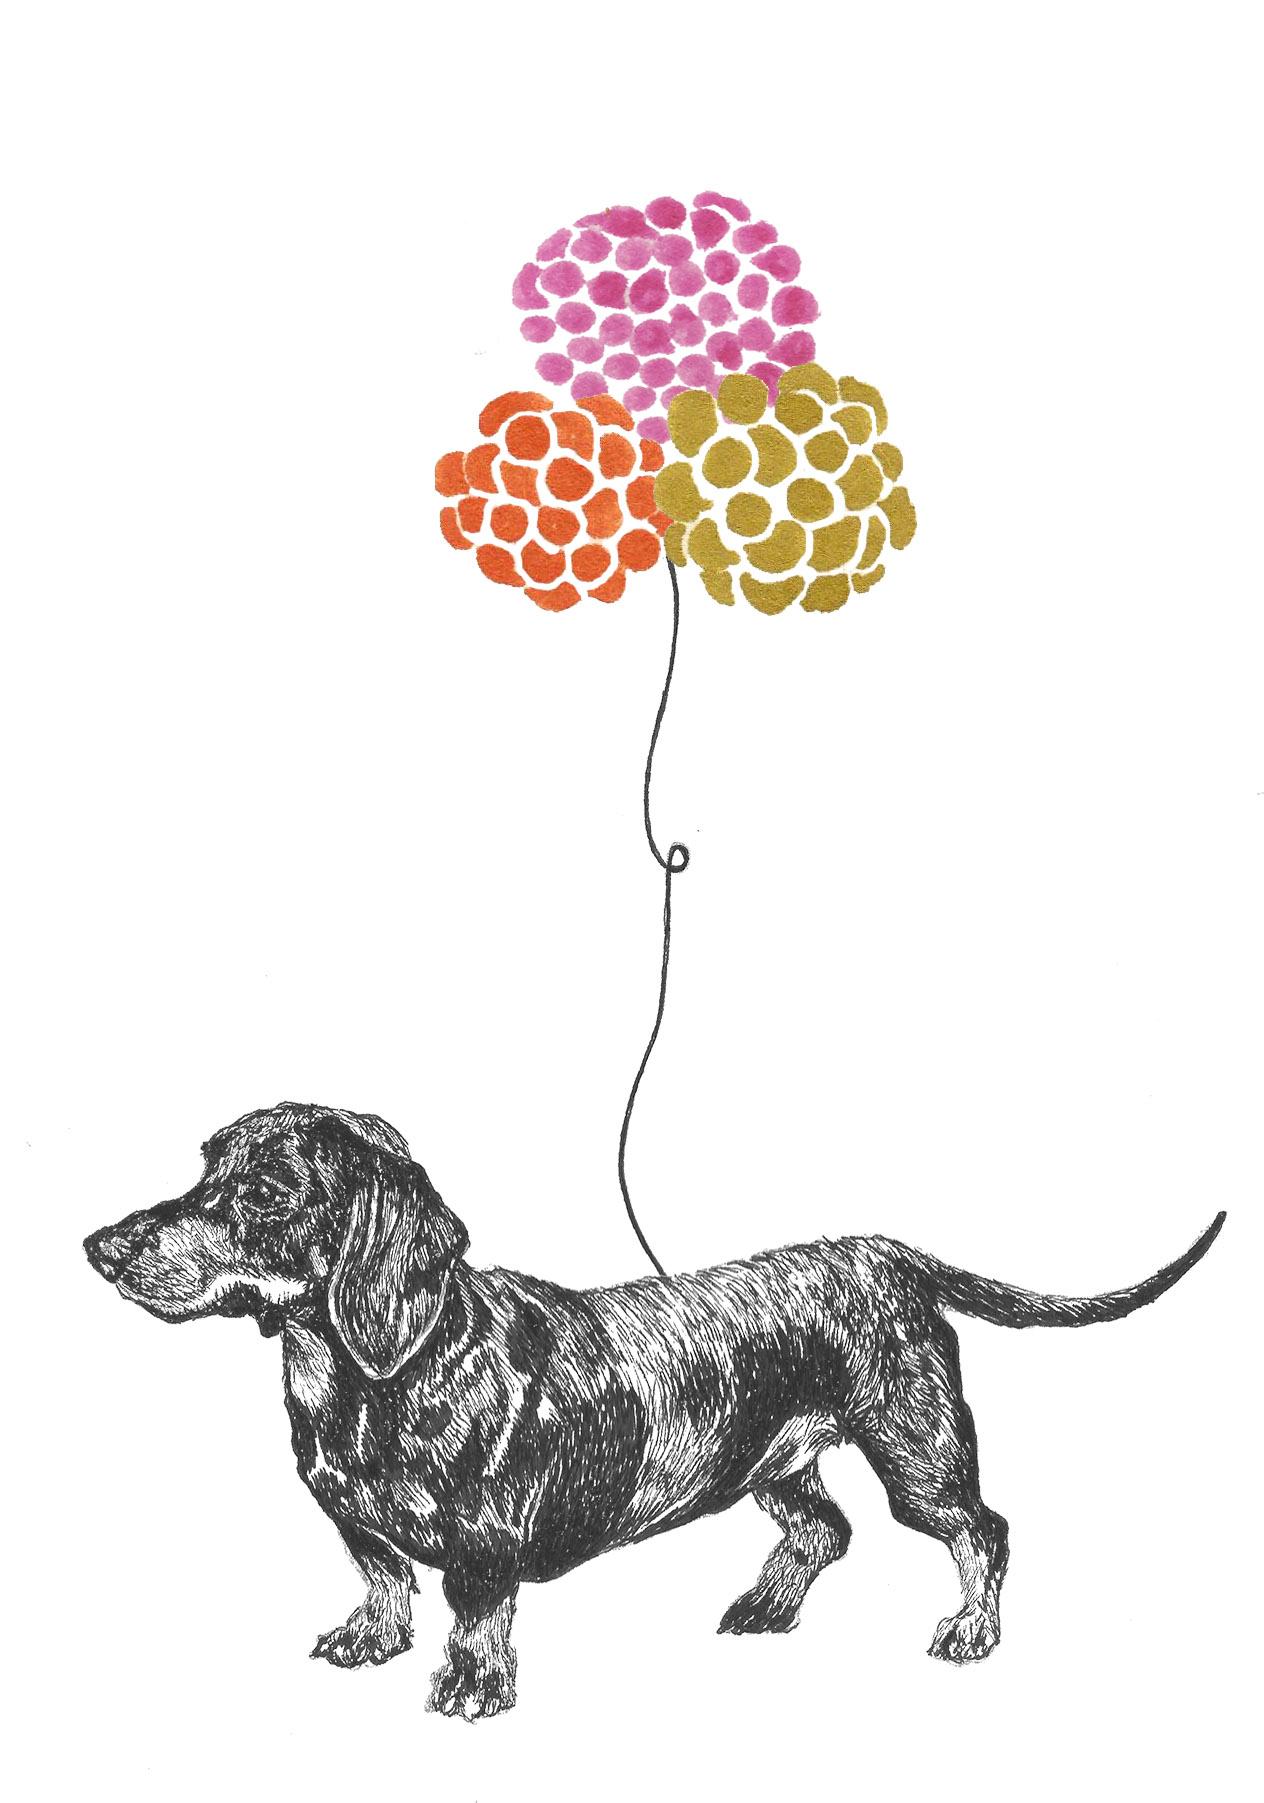 sausage dog balloon